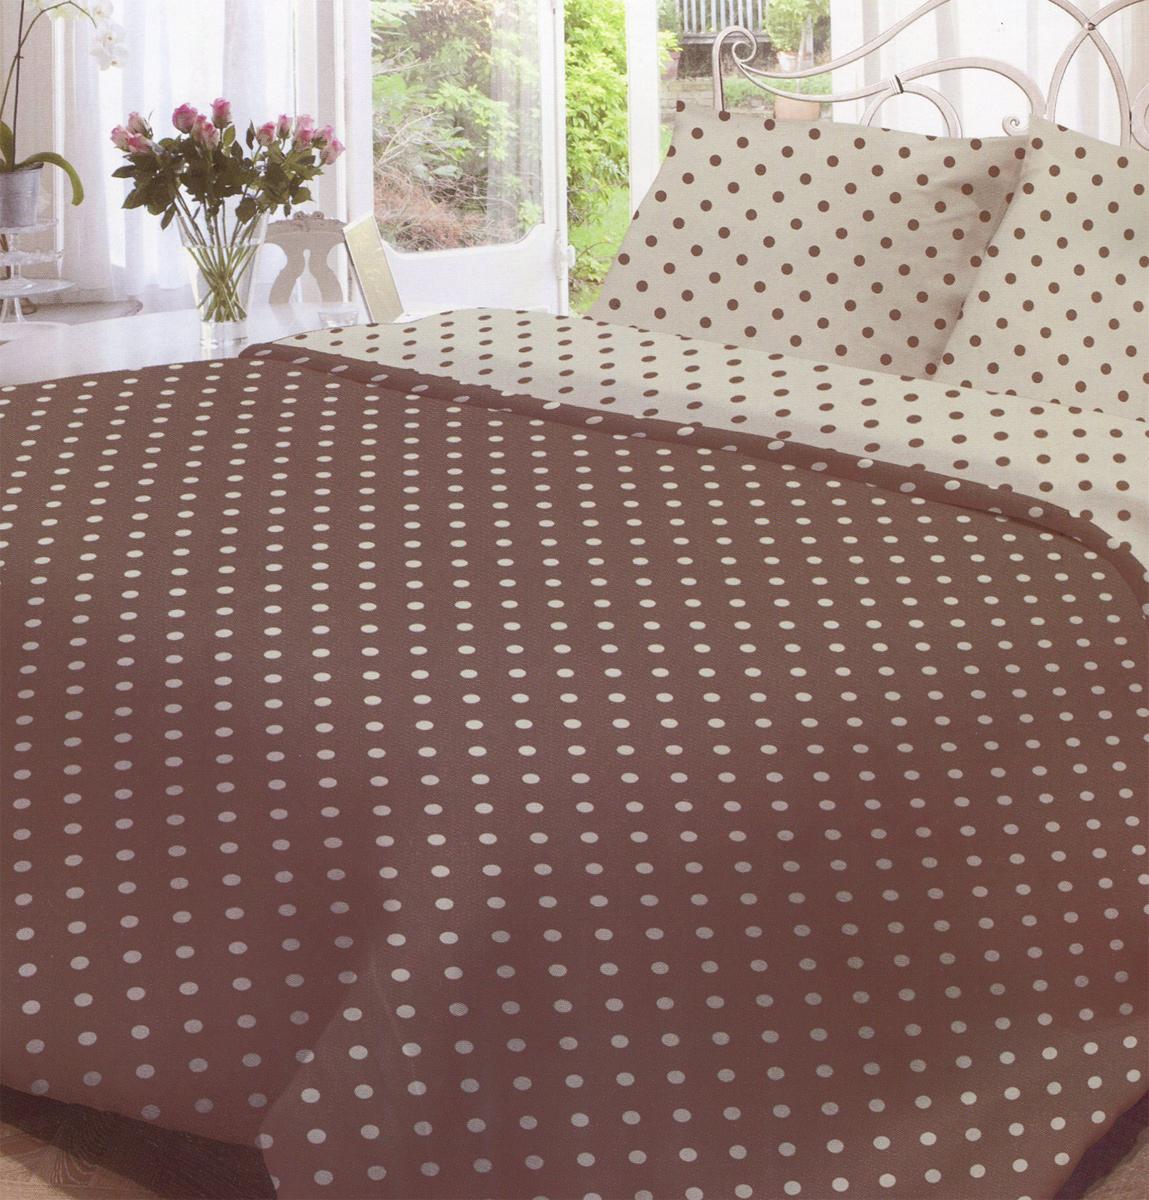 Комплект белья Нежность Мадлена, 1,5-спальный, наволочки 70x70, цвет: серый, коричневый191282Комплект белья Нежность Мадлена, изготовленный из бязи (100% хлопка), состоит из пододеяльника, простыни и двух наволочек. Бязевое постельное белье имеет самое простое полотняное переплетение из достаточно толстых, но мягких нитей. Стоит постельное белье из этой ткани не намного дороже поликоттона или полиэфира, но приятней на ощупь и лучше пропускает воздух. Благодаря современным технологиям окраски, белье не теряет свой цвет даже после множества стирок. Рекомендации по уходу: - Стирка при температуре не более 60°С, - Не отбеливать, - Можно гладить, - Химчистка запрещена.